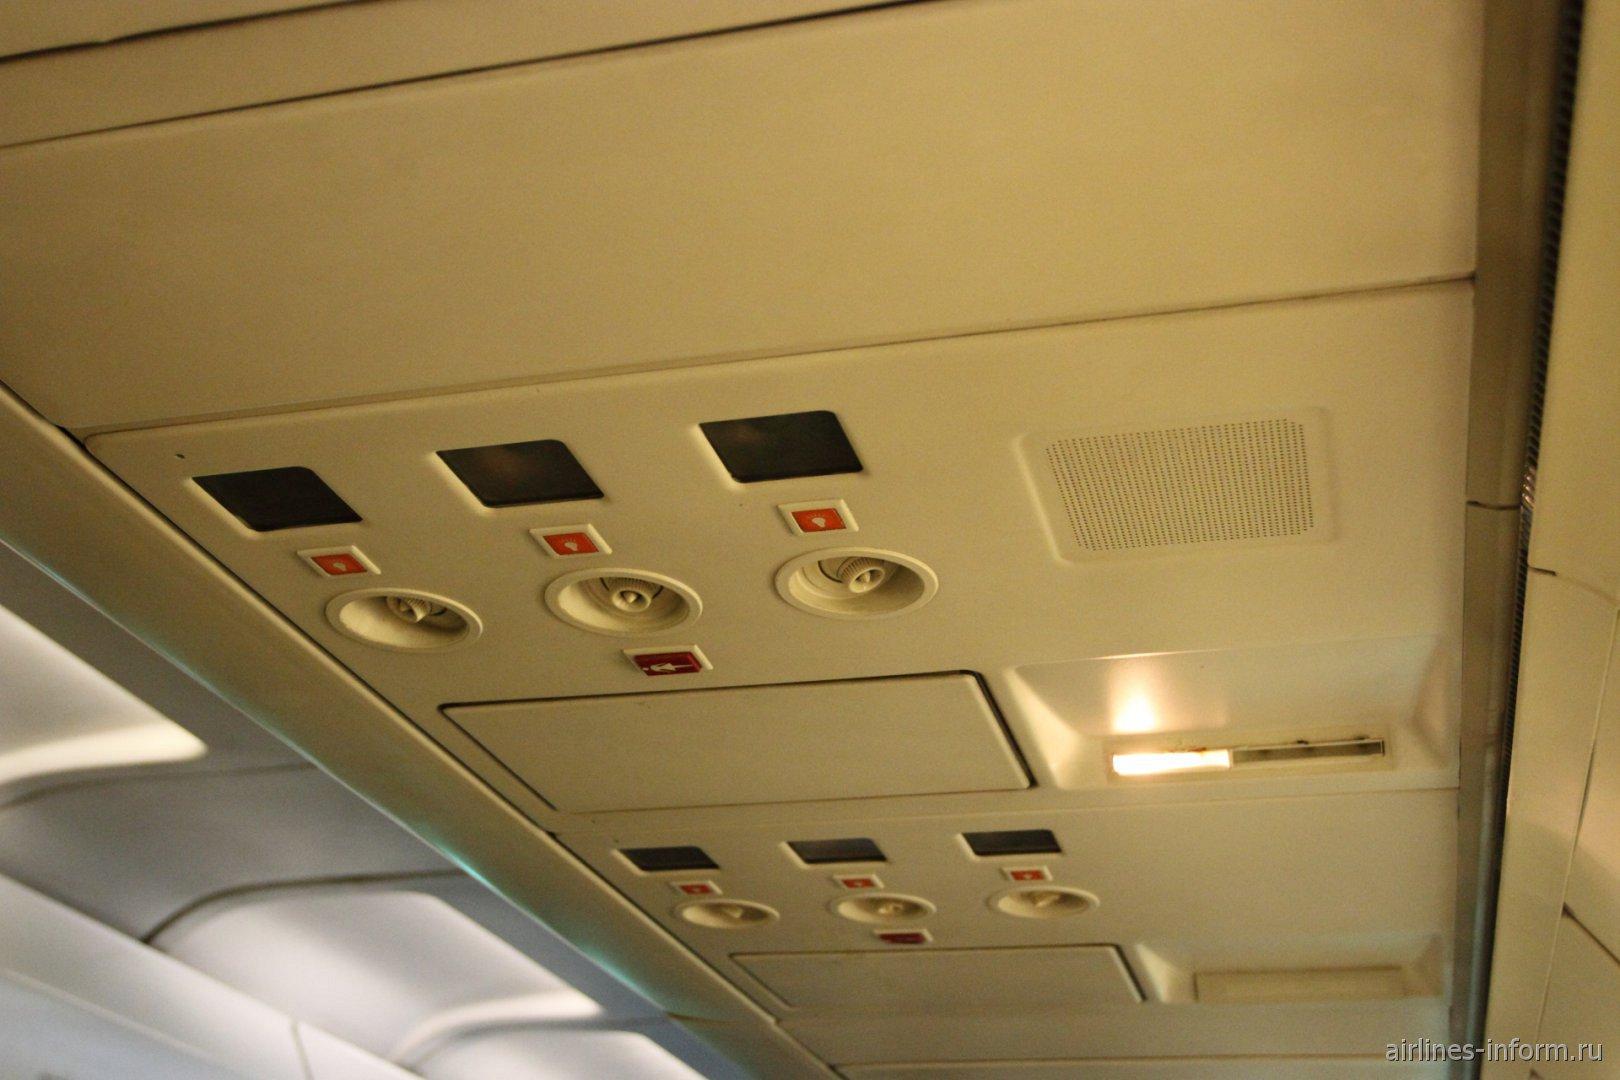 Верхняя панель в салоне Боинга-727-200 авиакомпании Iran Aseman Airlines